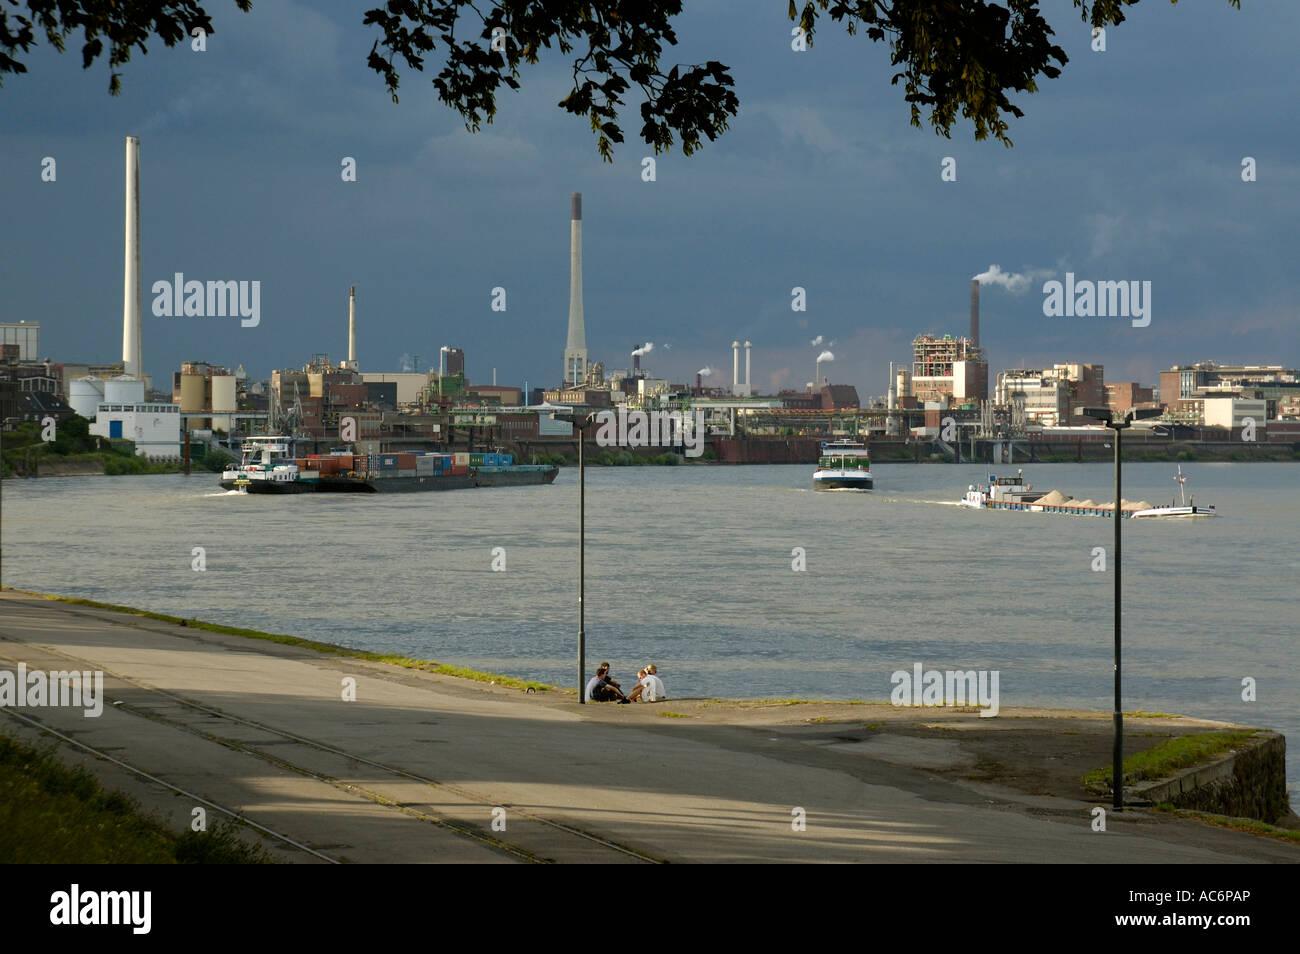 Chemical factory on the Lower Rhine, Krefeld-Uerdingen, Germany. - Stock Image